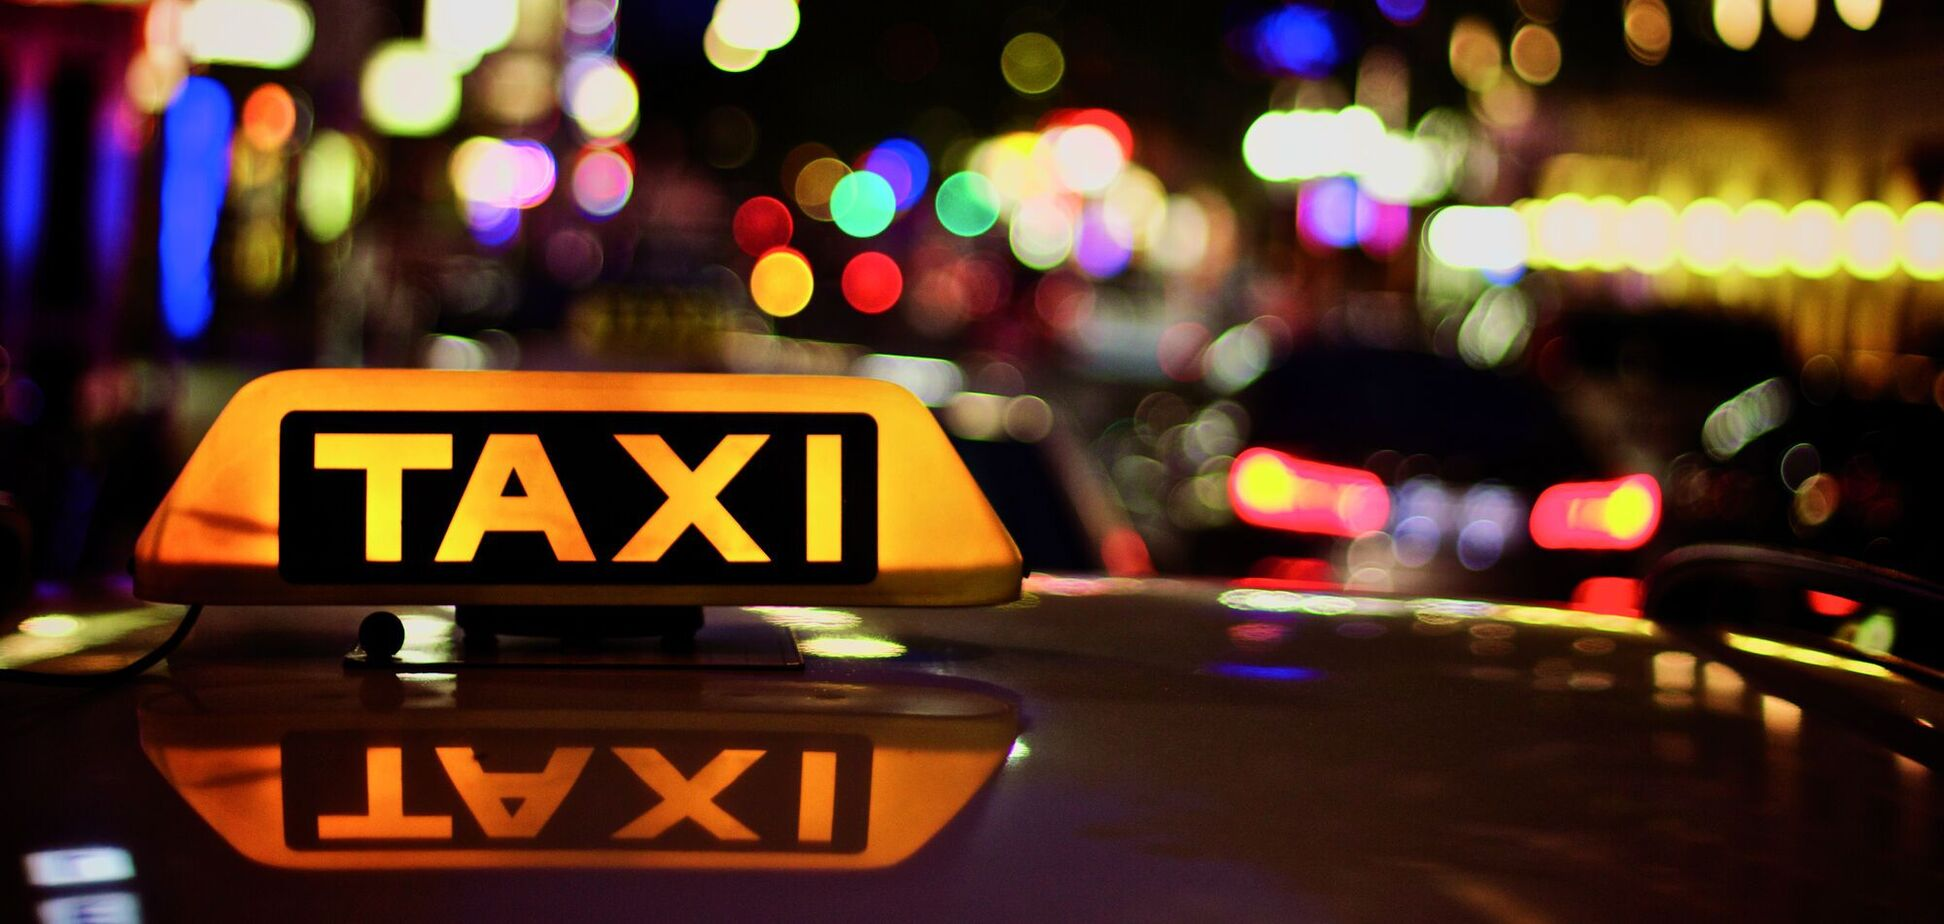 У Харкові пасажир зґвалтував водійку таксі